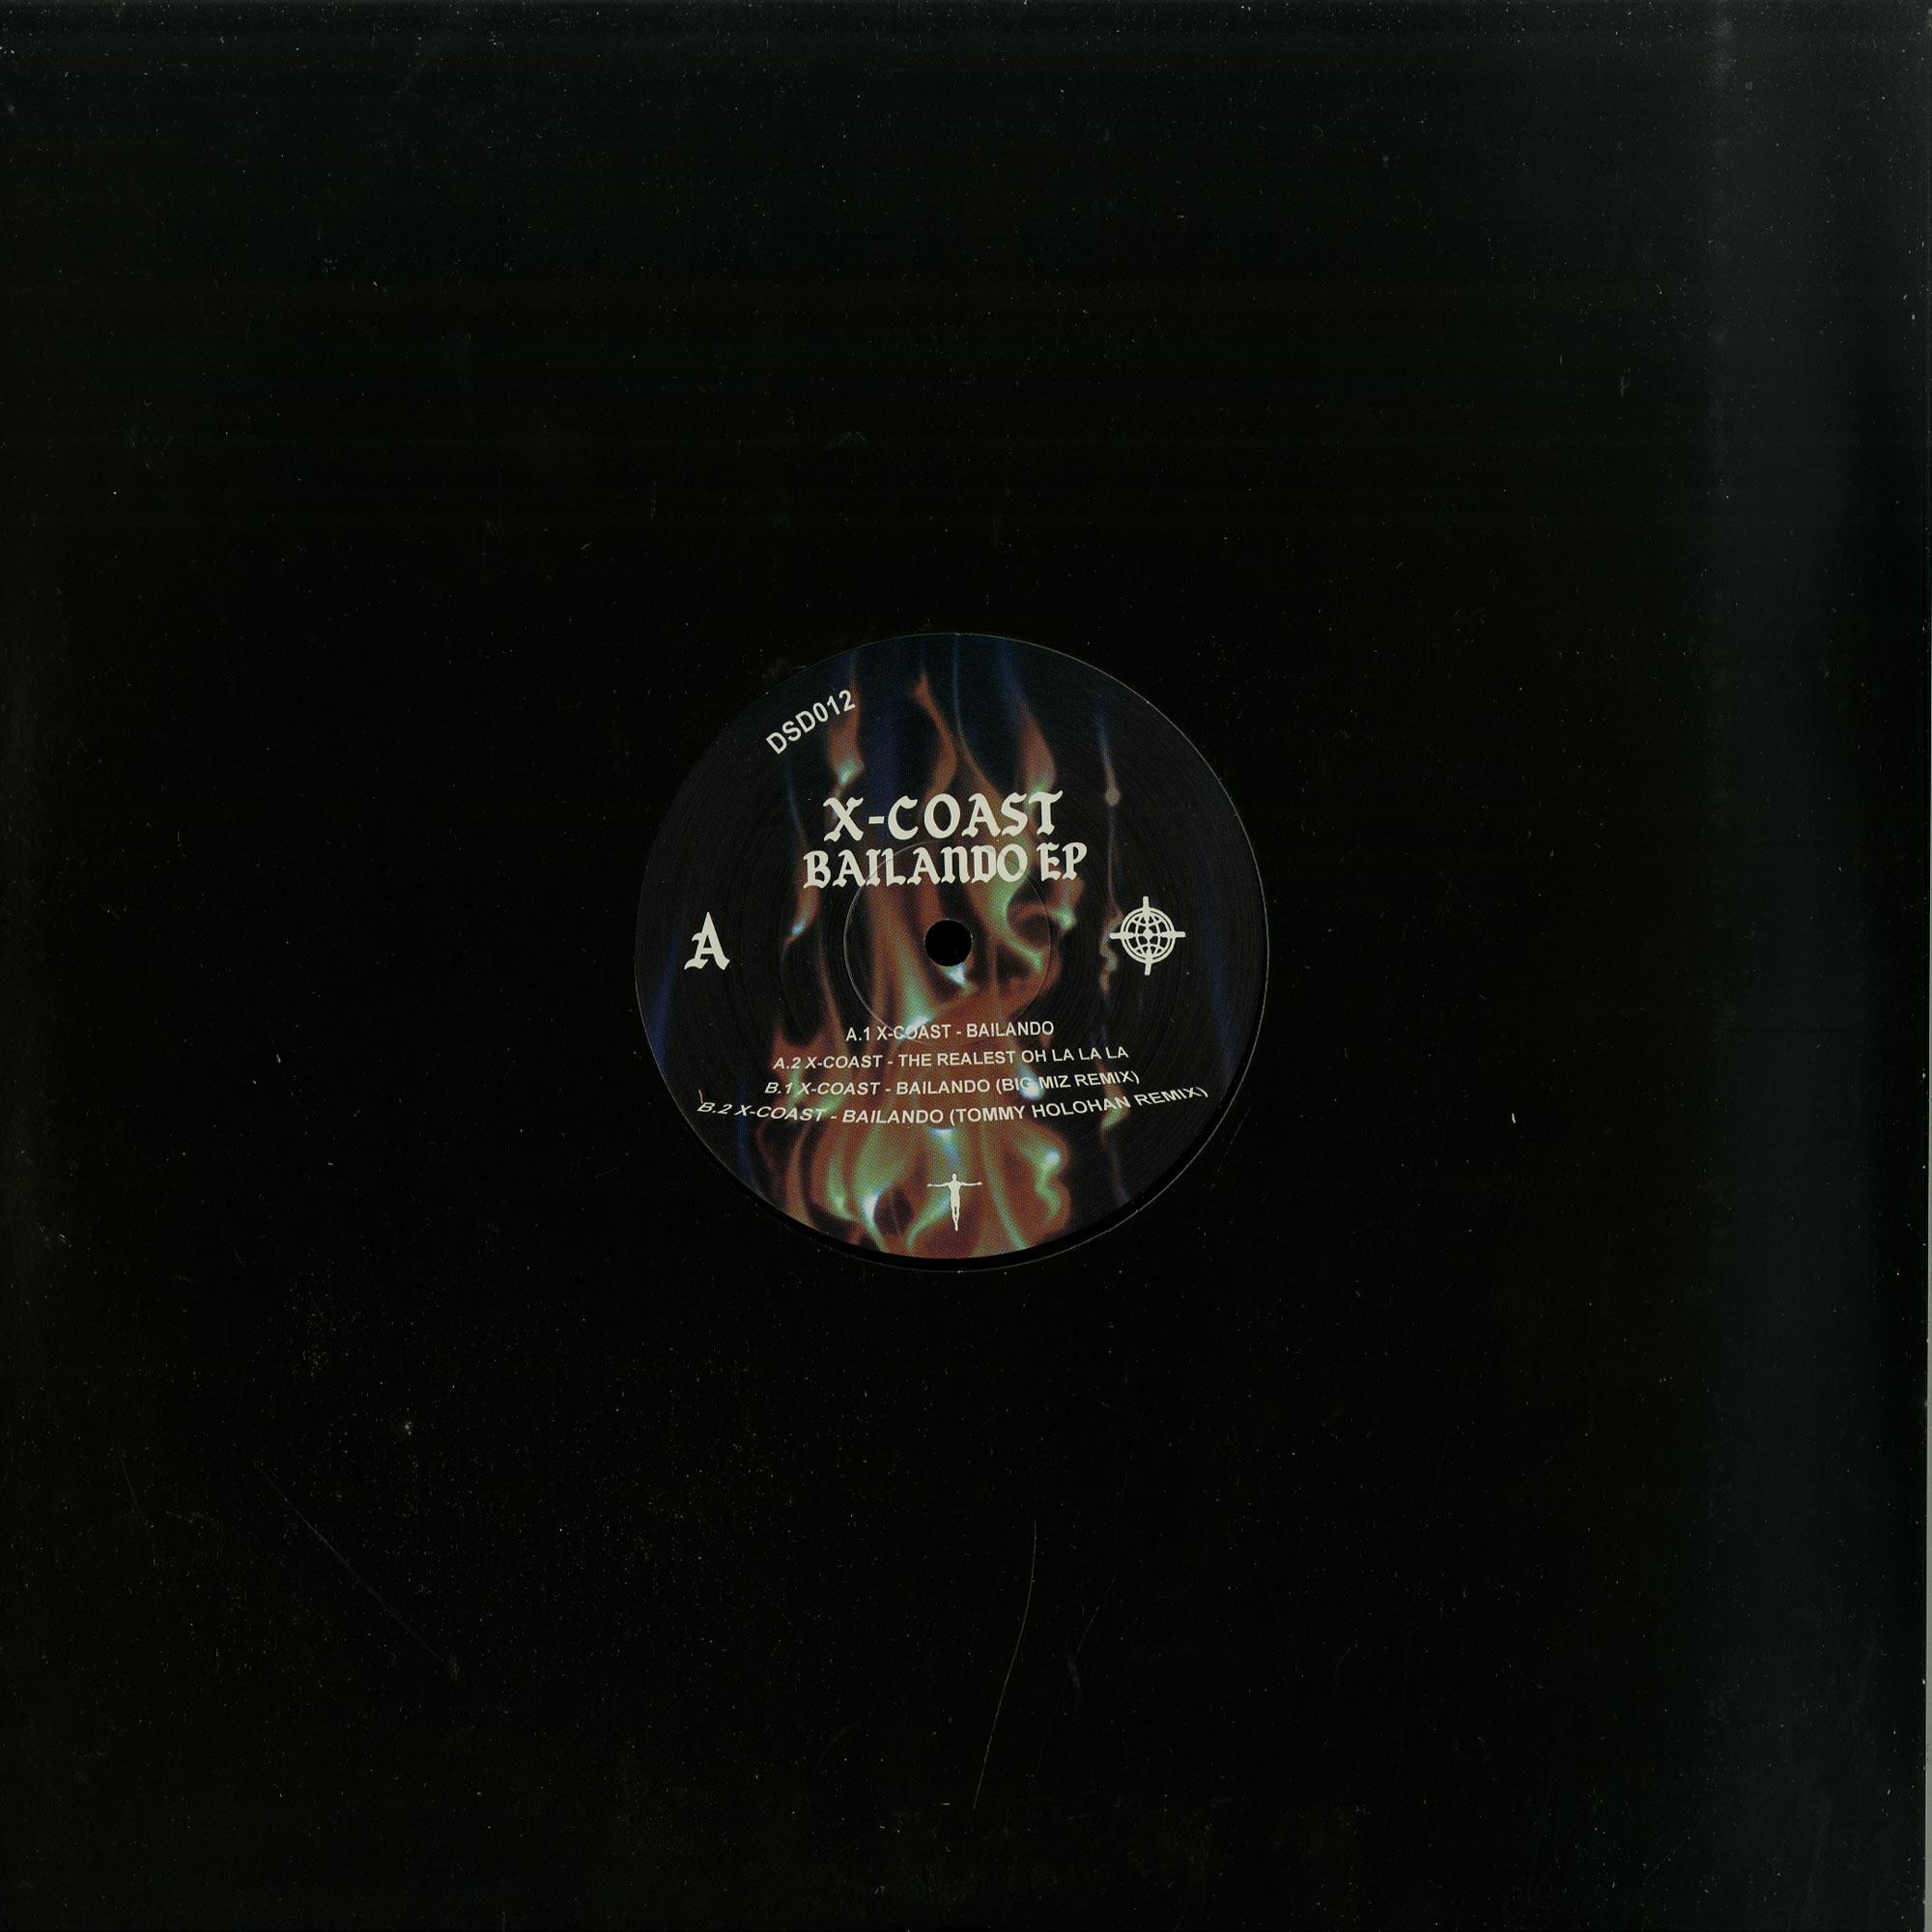 X-Coast - BAILANDO EP